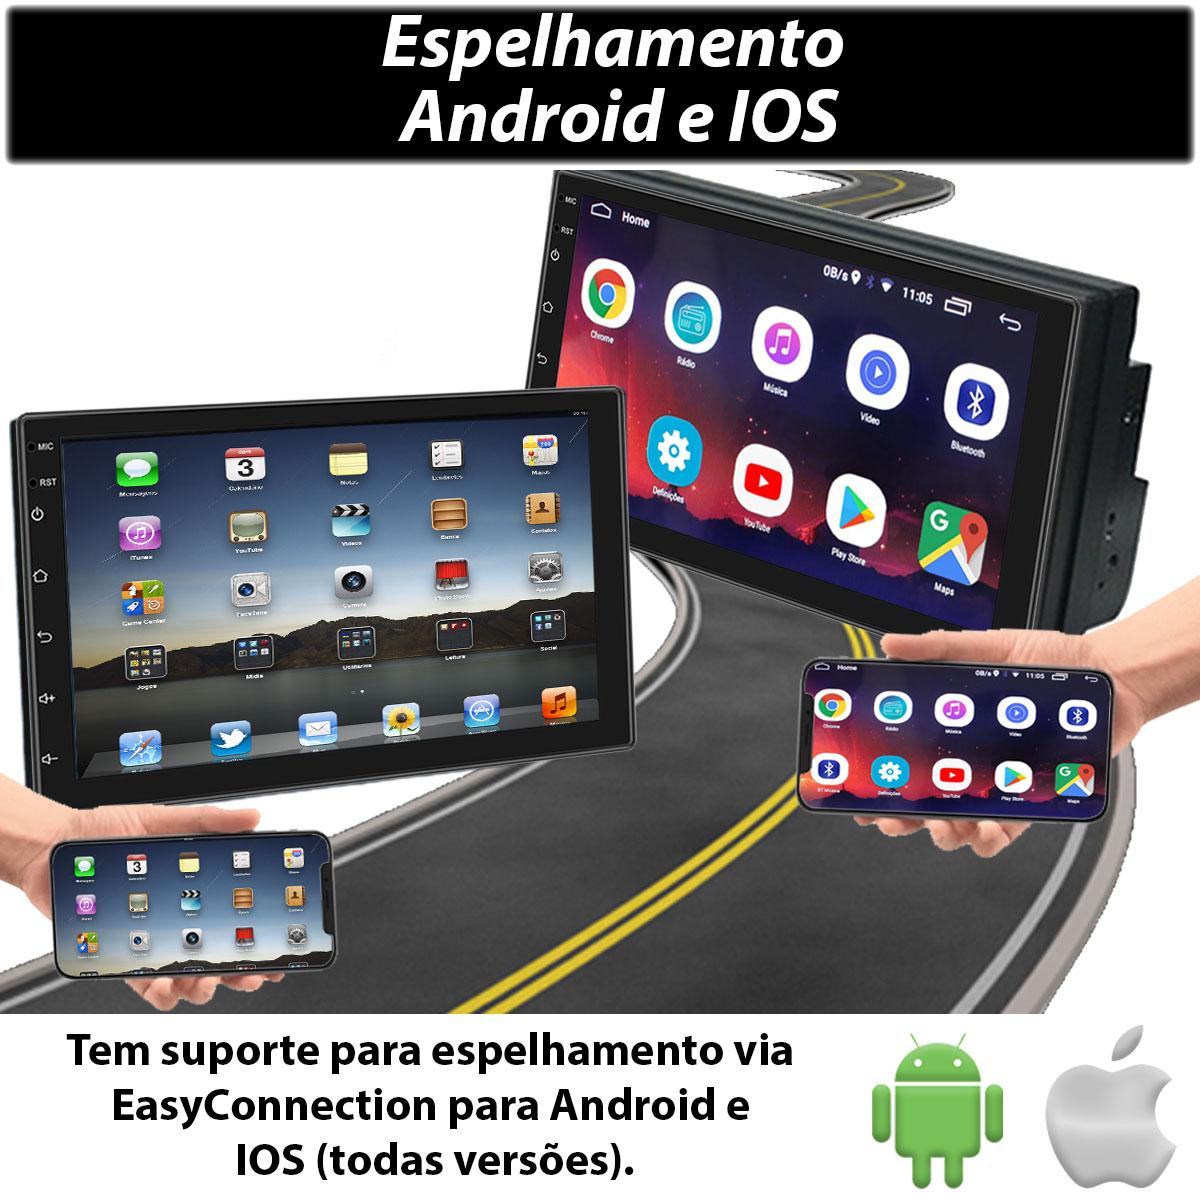 Central Multimidia com Moldura Ford Novo Ka Mp5 Bluetooth Usb Touchscreen 7 Polegadas 2 Din Black Piano Atacado